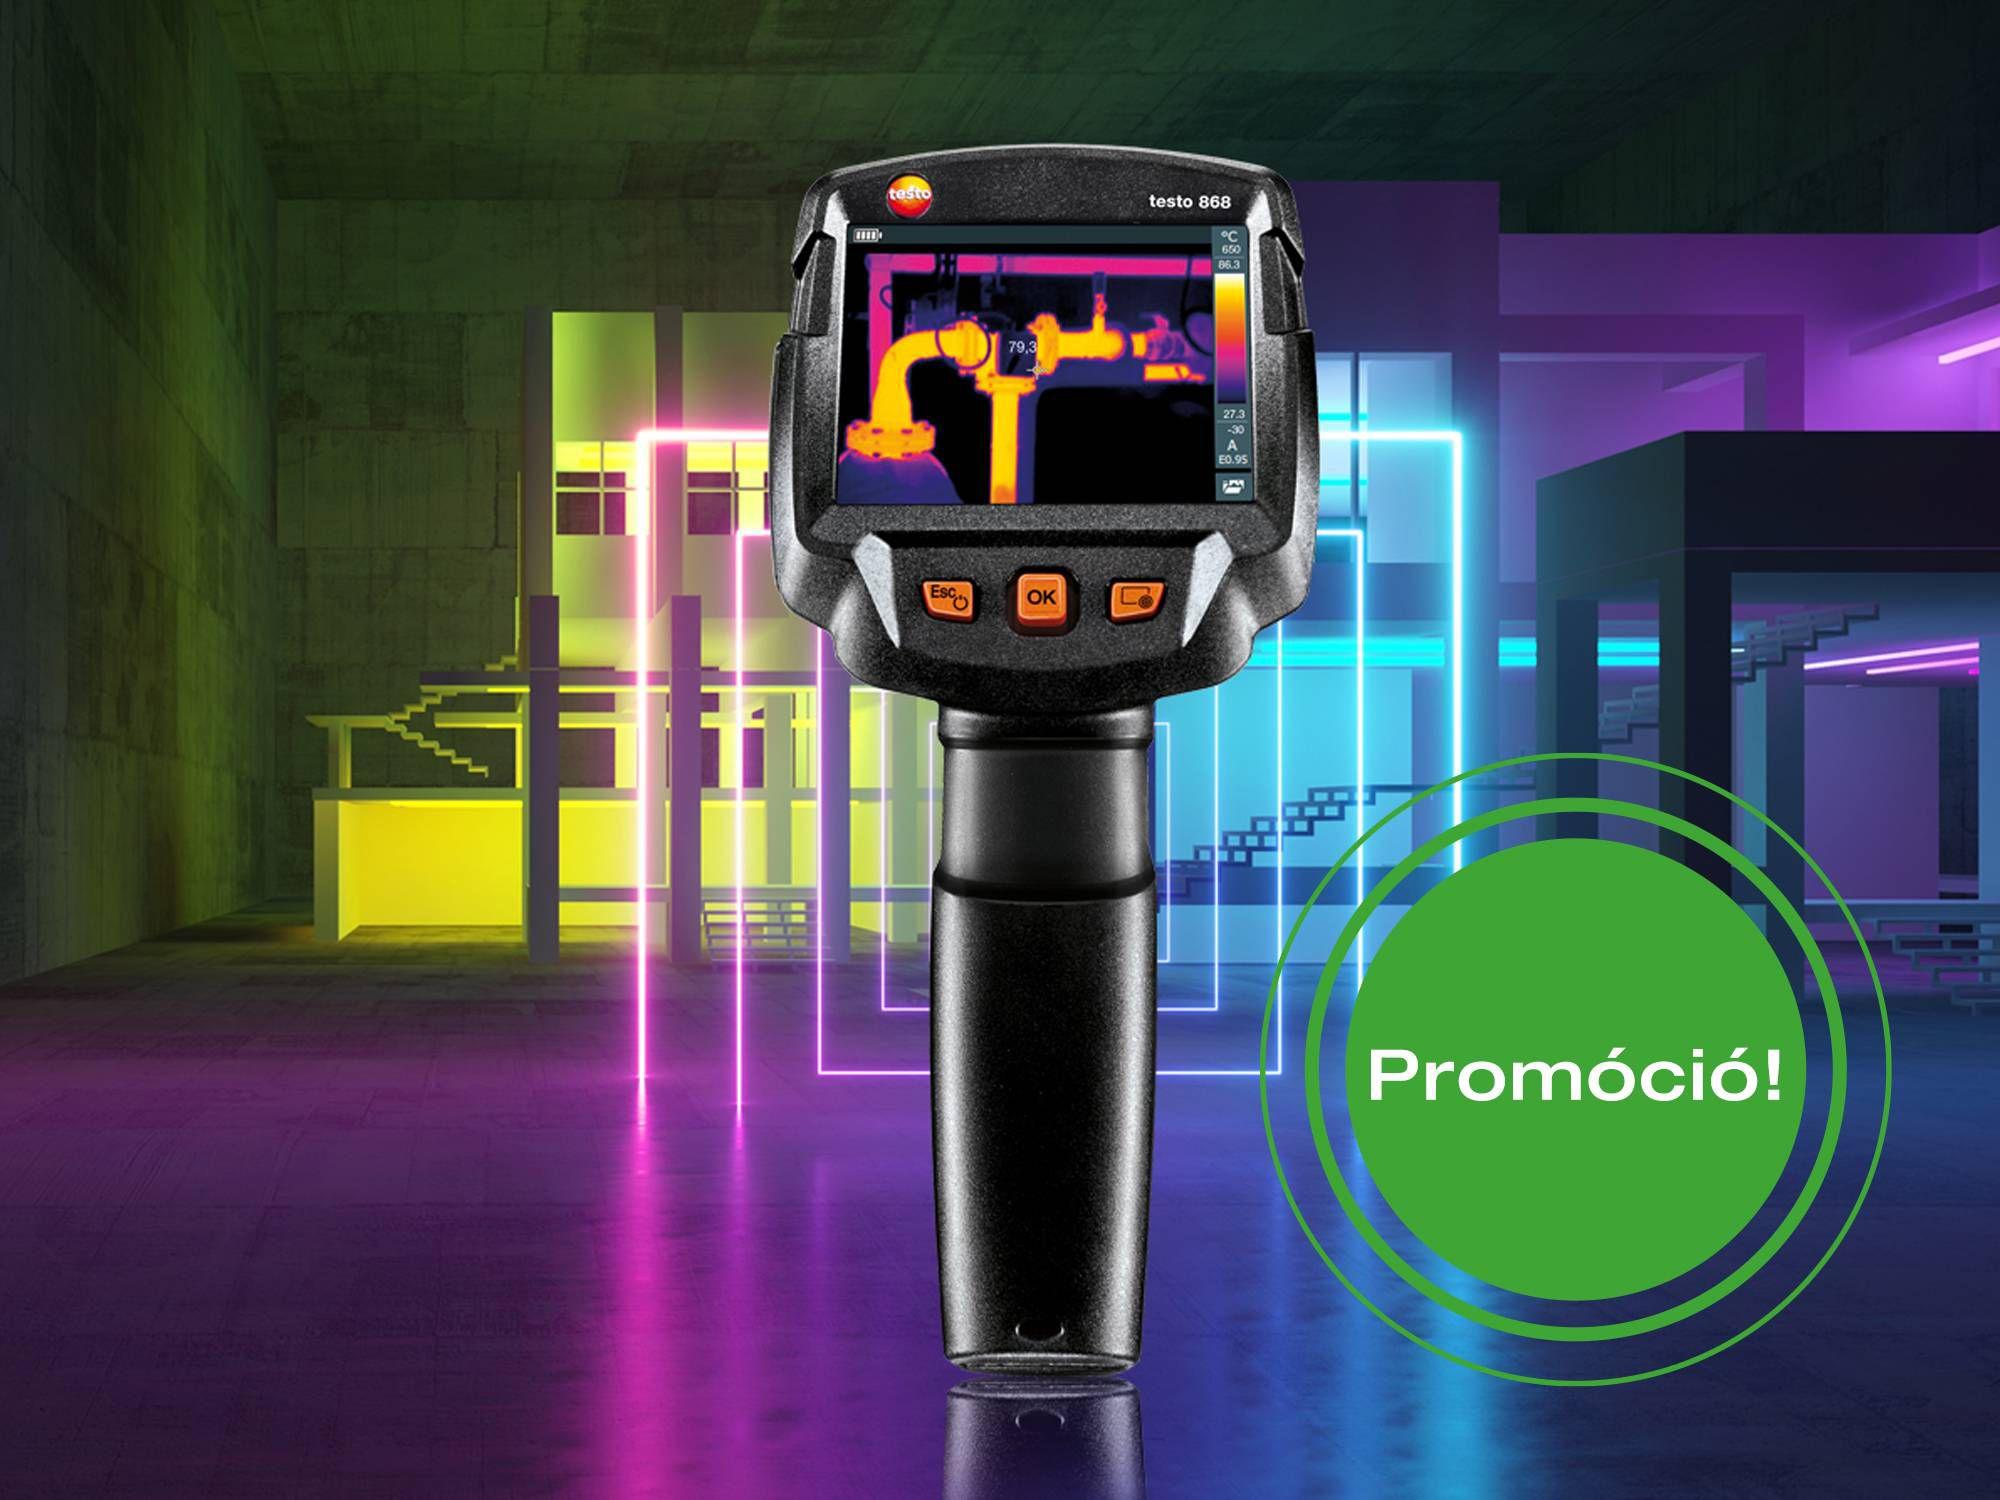 TI-Autumn-2021-Products-HU-promo.jpg